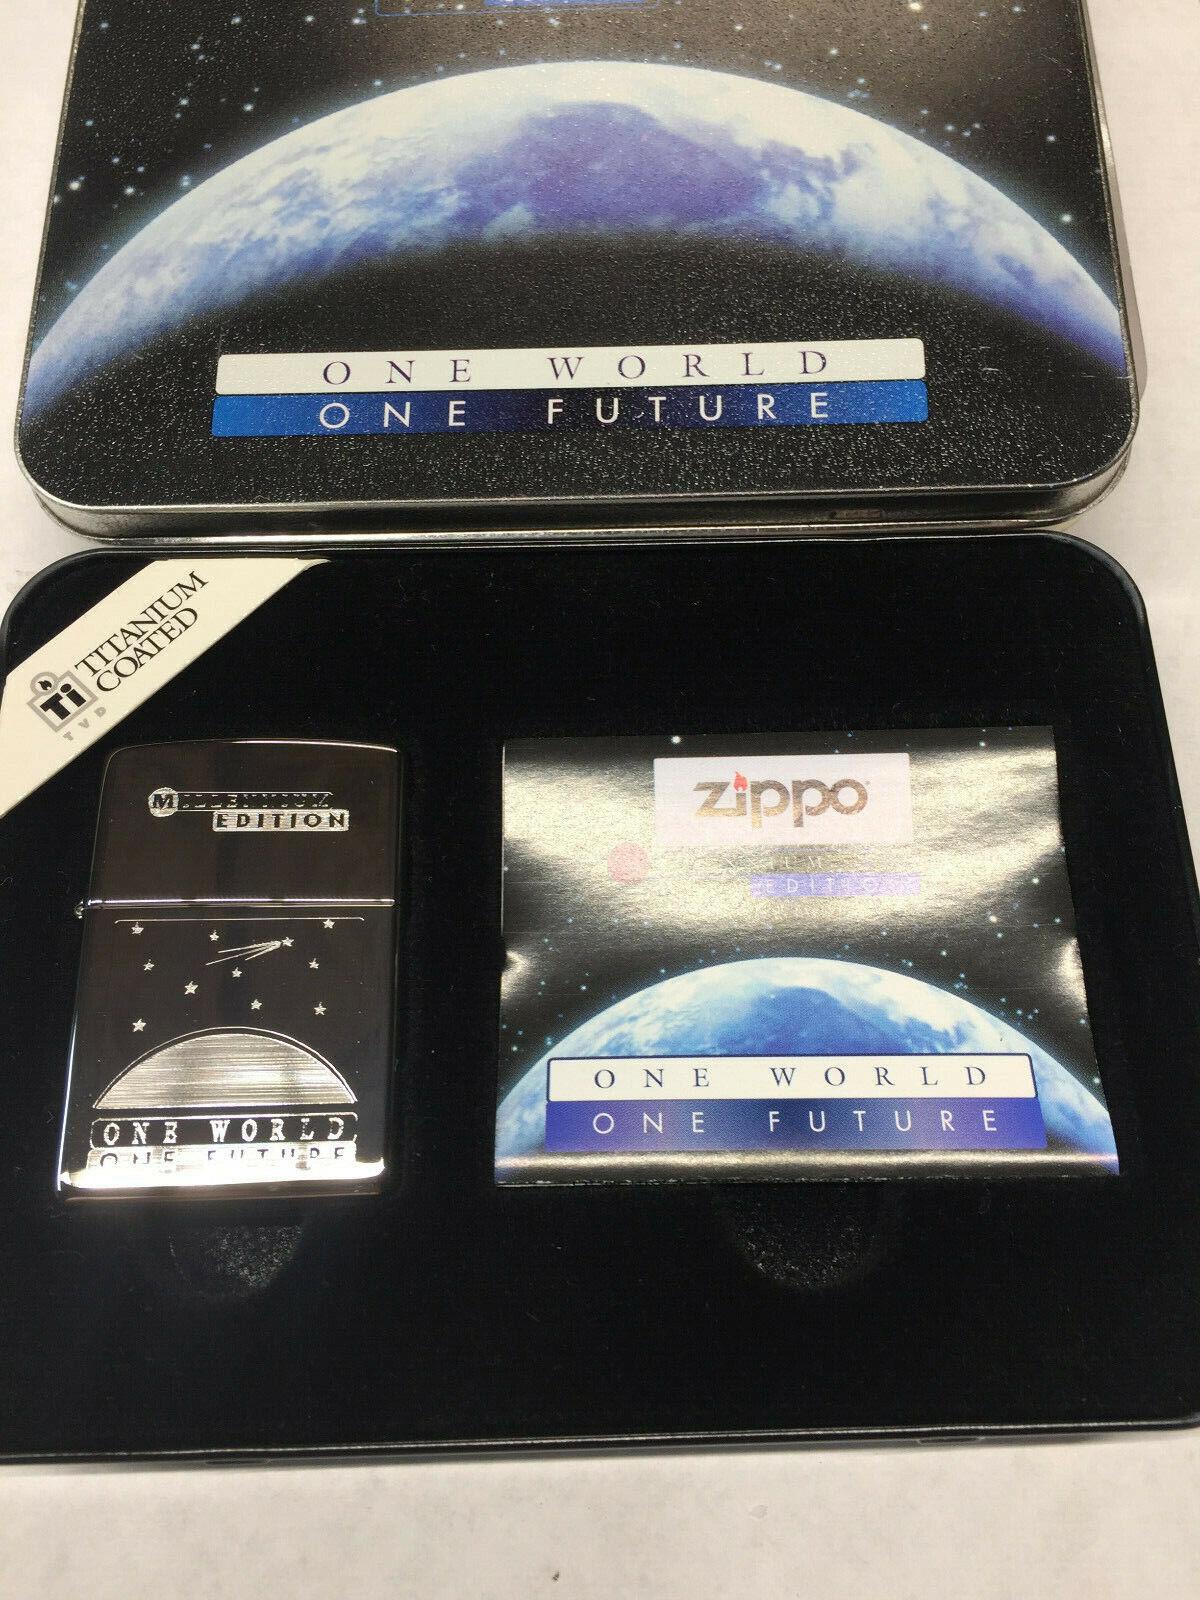 NEW IN BOX - LAST ONE - MILLENNIUM EDITION 1 WORLD TITANIUM